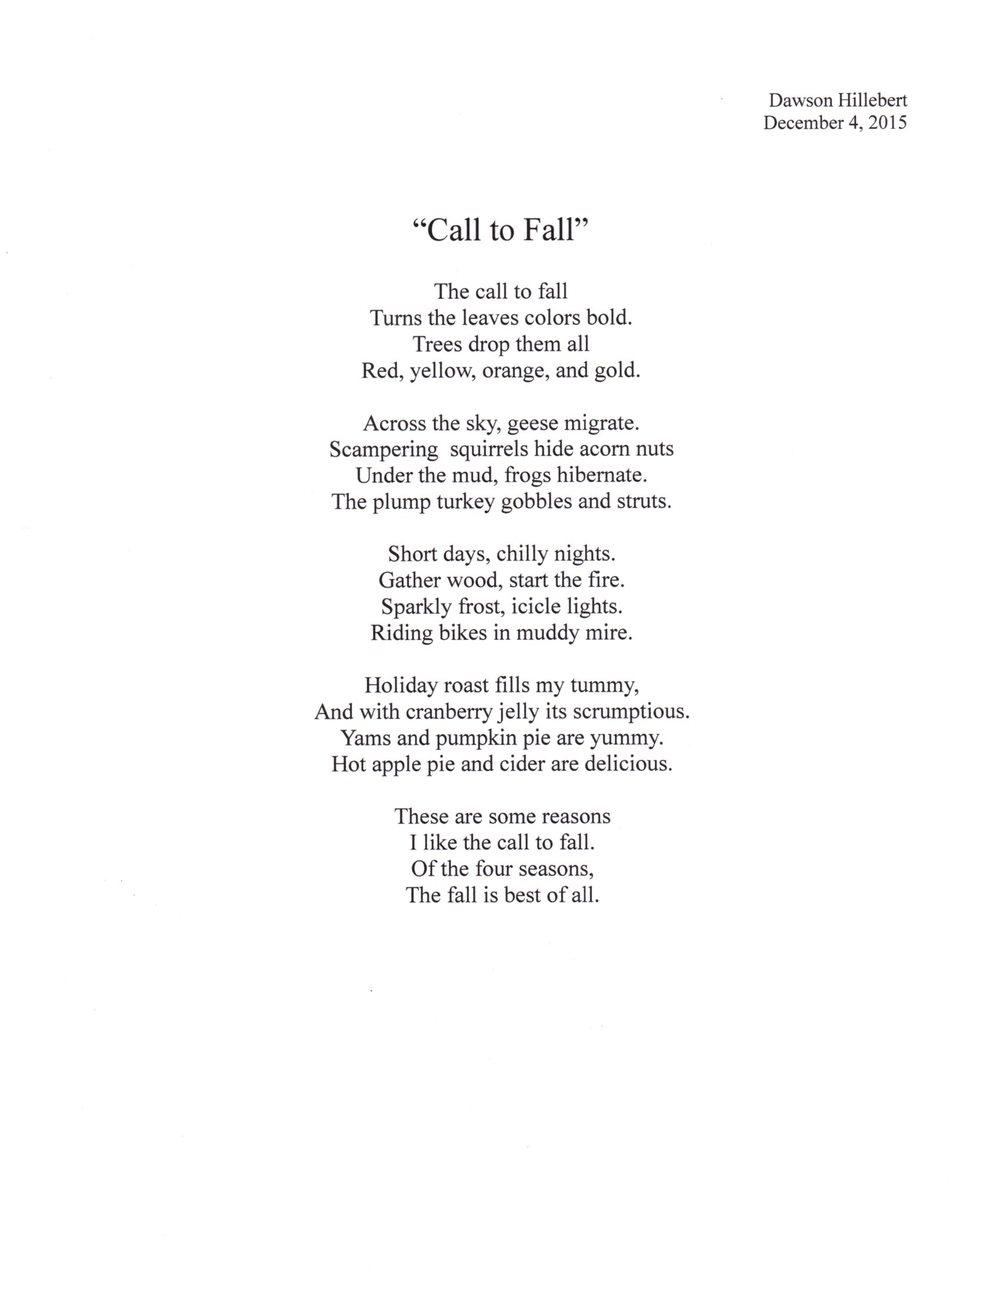 Dawson's poem.jpg